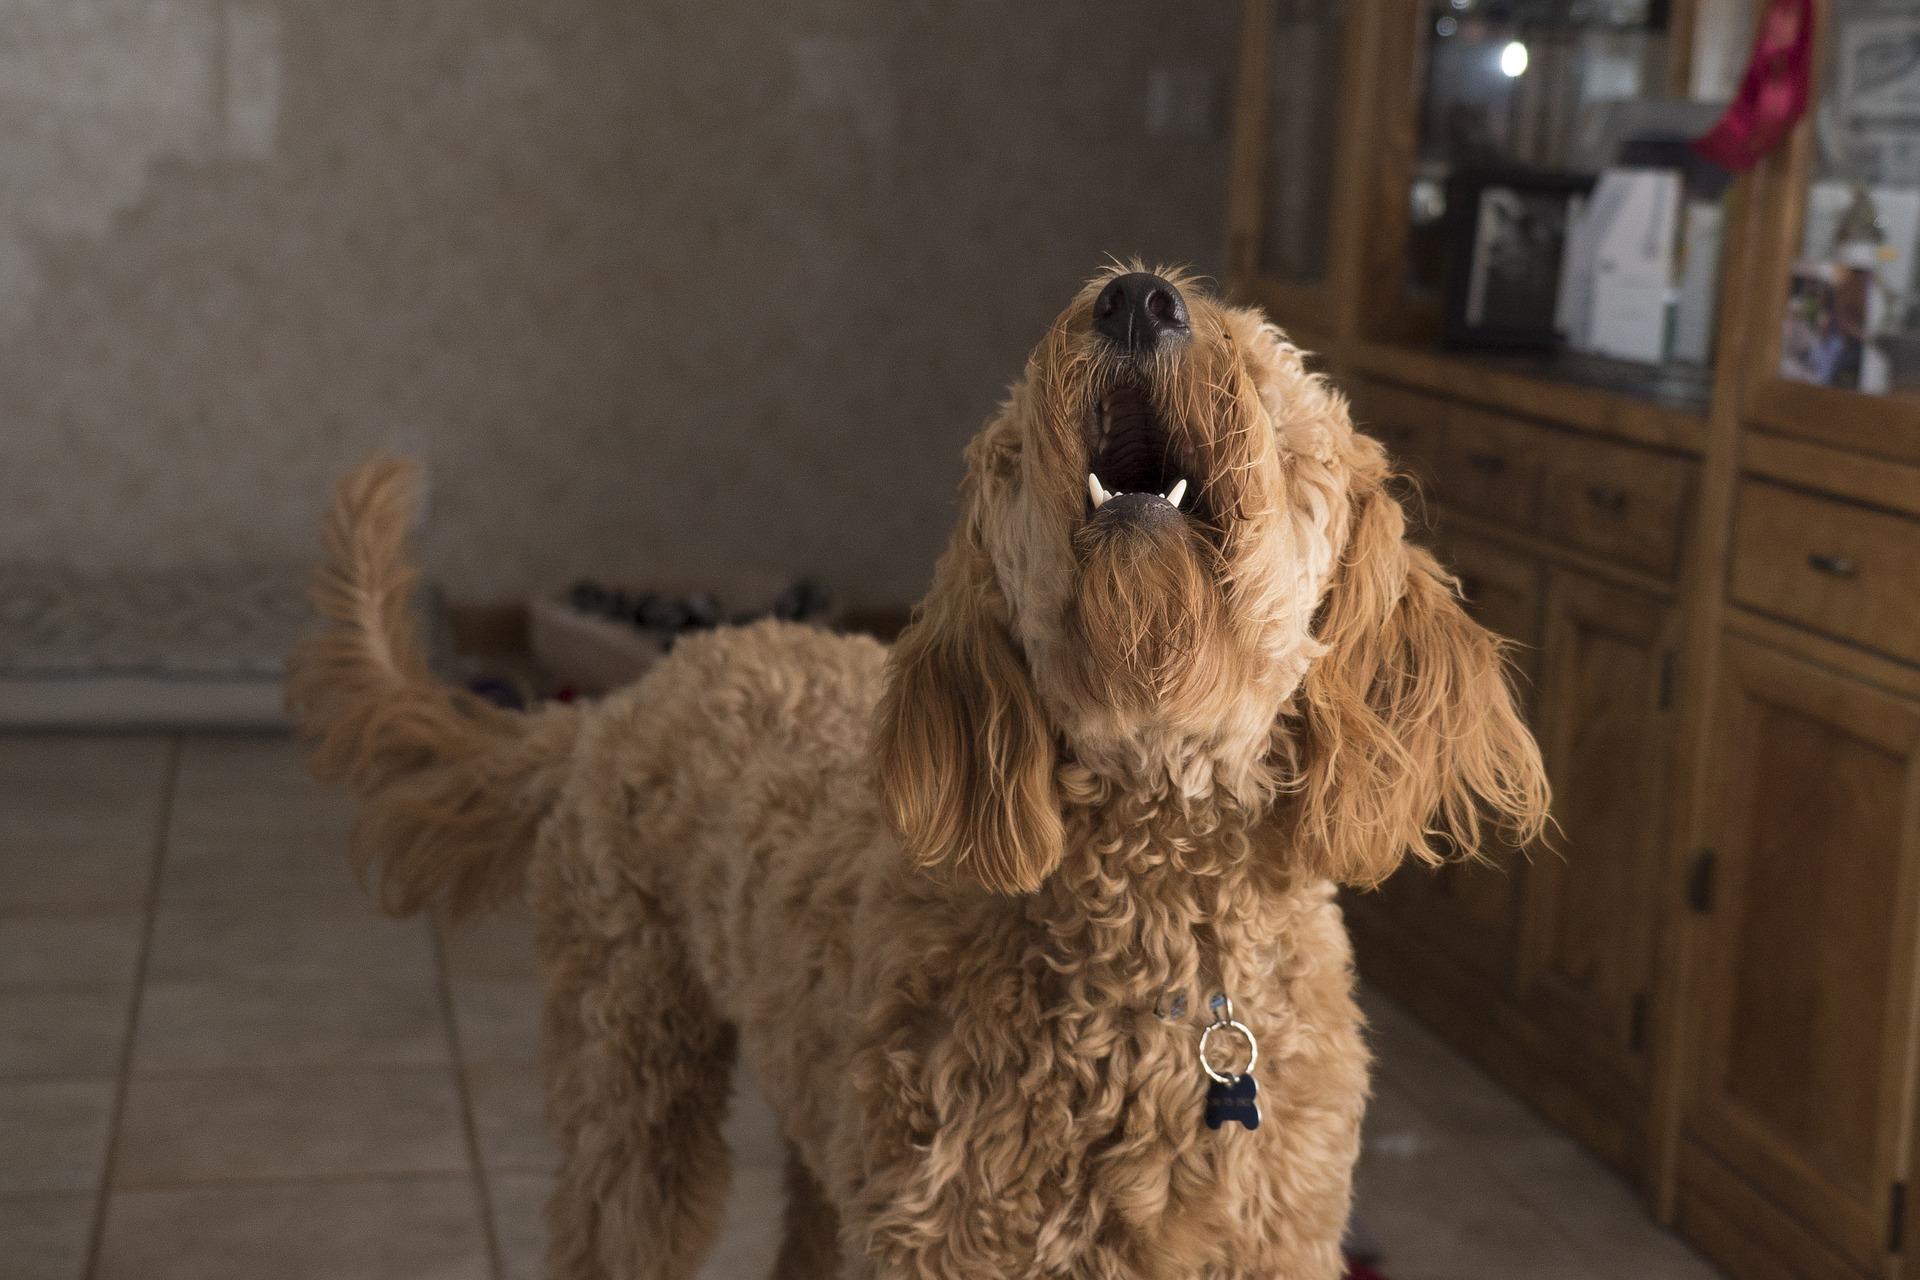 Pies może wyć z wielu powodów. Takie zachowanie oznacza nudę, lęk separacyjny, ból, a nawet bywa reakcją na bodziec.